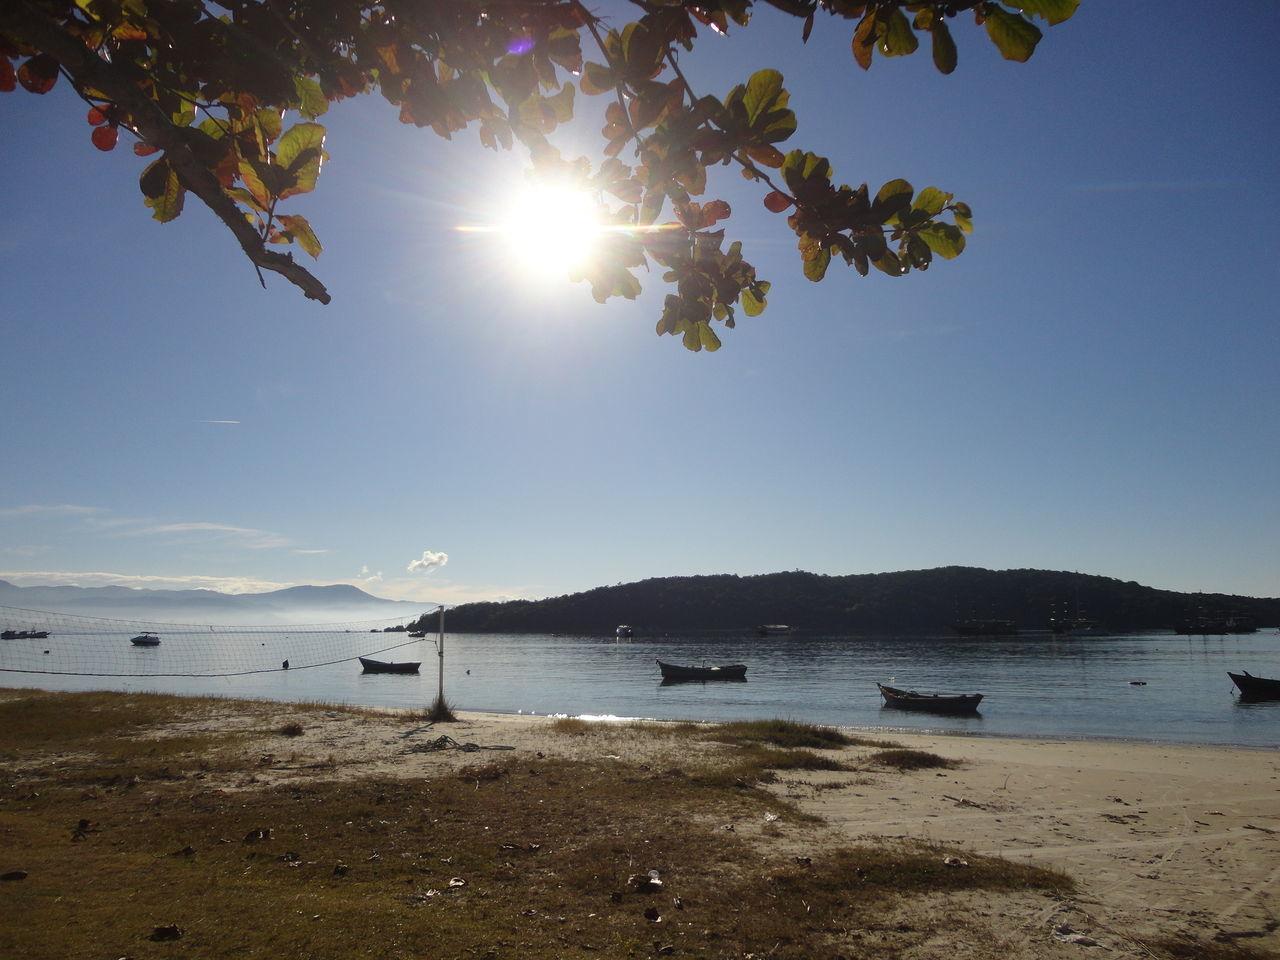 Arvores... 🌿❤ Barcos Barcos_beach_br Beach Brasil CeuAzul CeuPerfeito Céu Ilha Ilha De Porto Belo Marazul Marebaixa Mars Mundo NaturezaMaravilhosa Nuvens Ao Vento Nuvensbrancas Rede Sea Sol Sunlight Tarde  Tranquility Volei Water